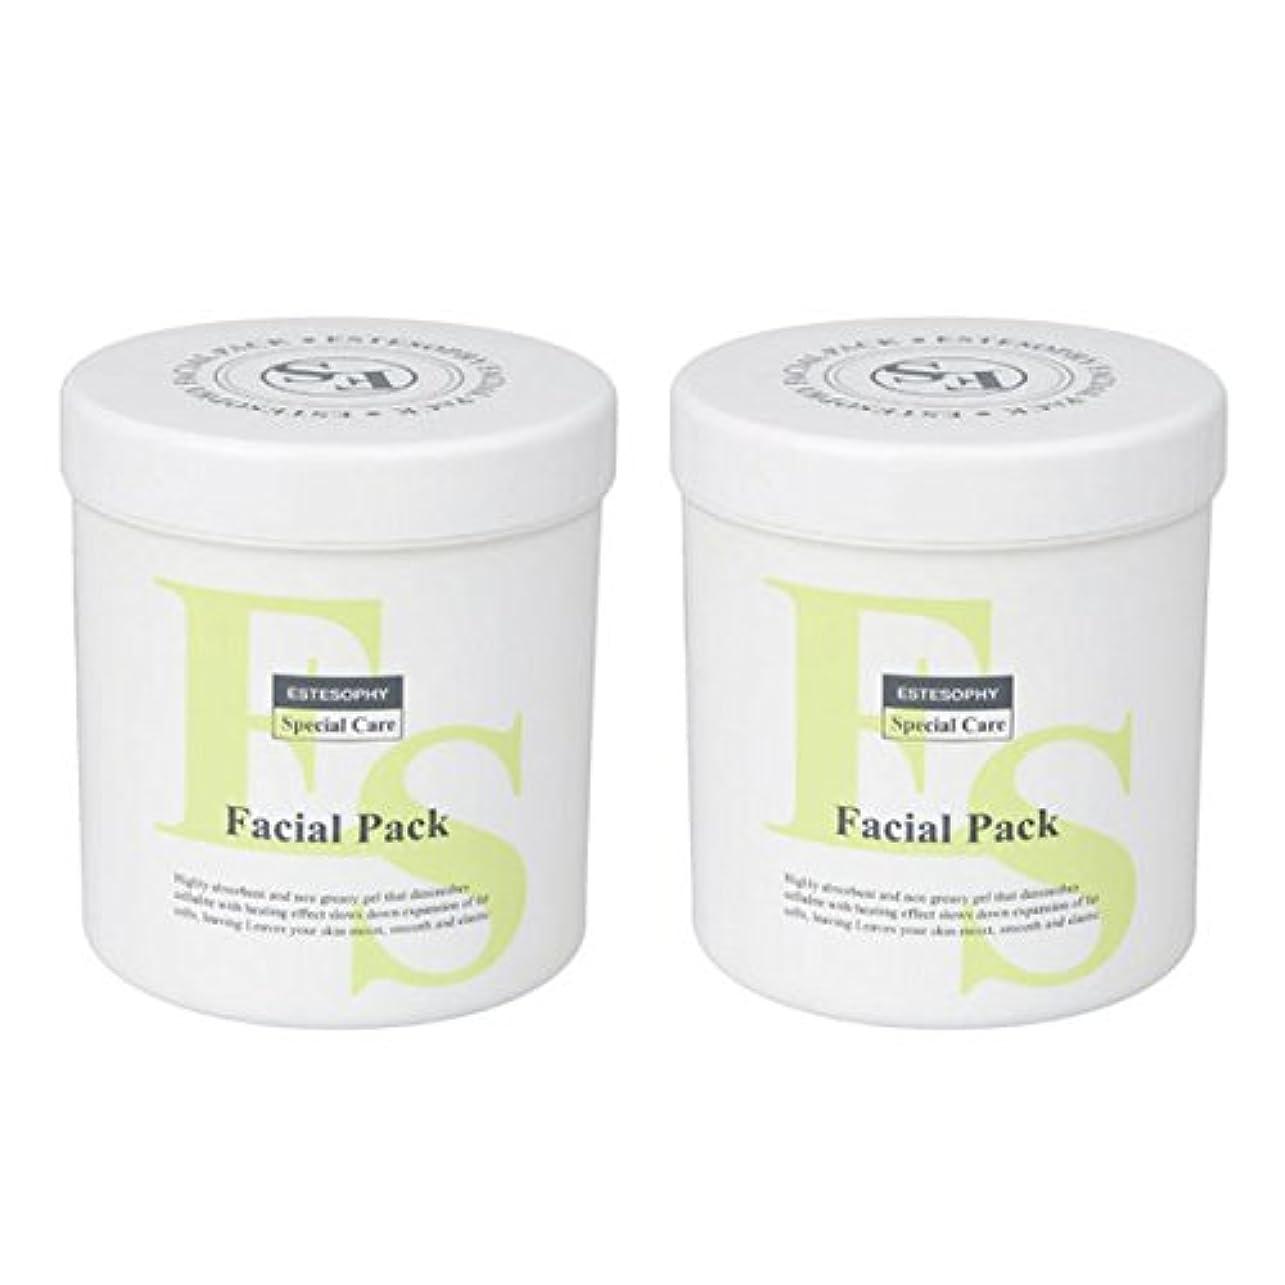 かわいらしいメロディークリエイティブ< エステソフィー> 酵素パック 粉末 (約30回分) 450g (2個セット) [ フェイスパック 酵素パウダー 酵素洗顔パウダー フェイスマスク フェイシャルパック フェイシャルマスク 顔パック 業務用 ]